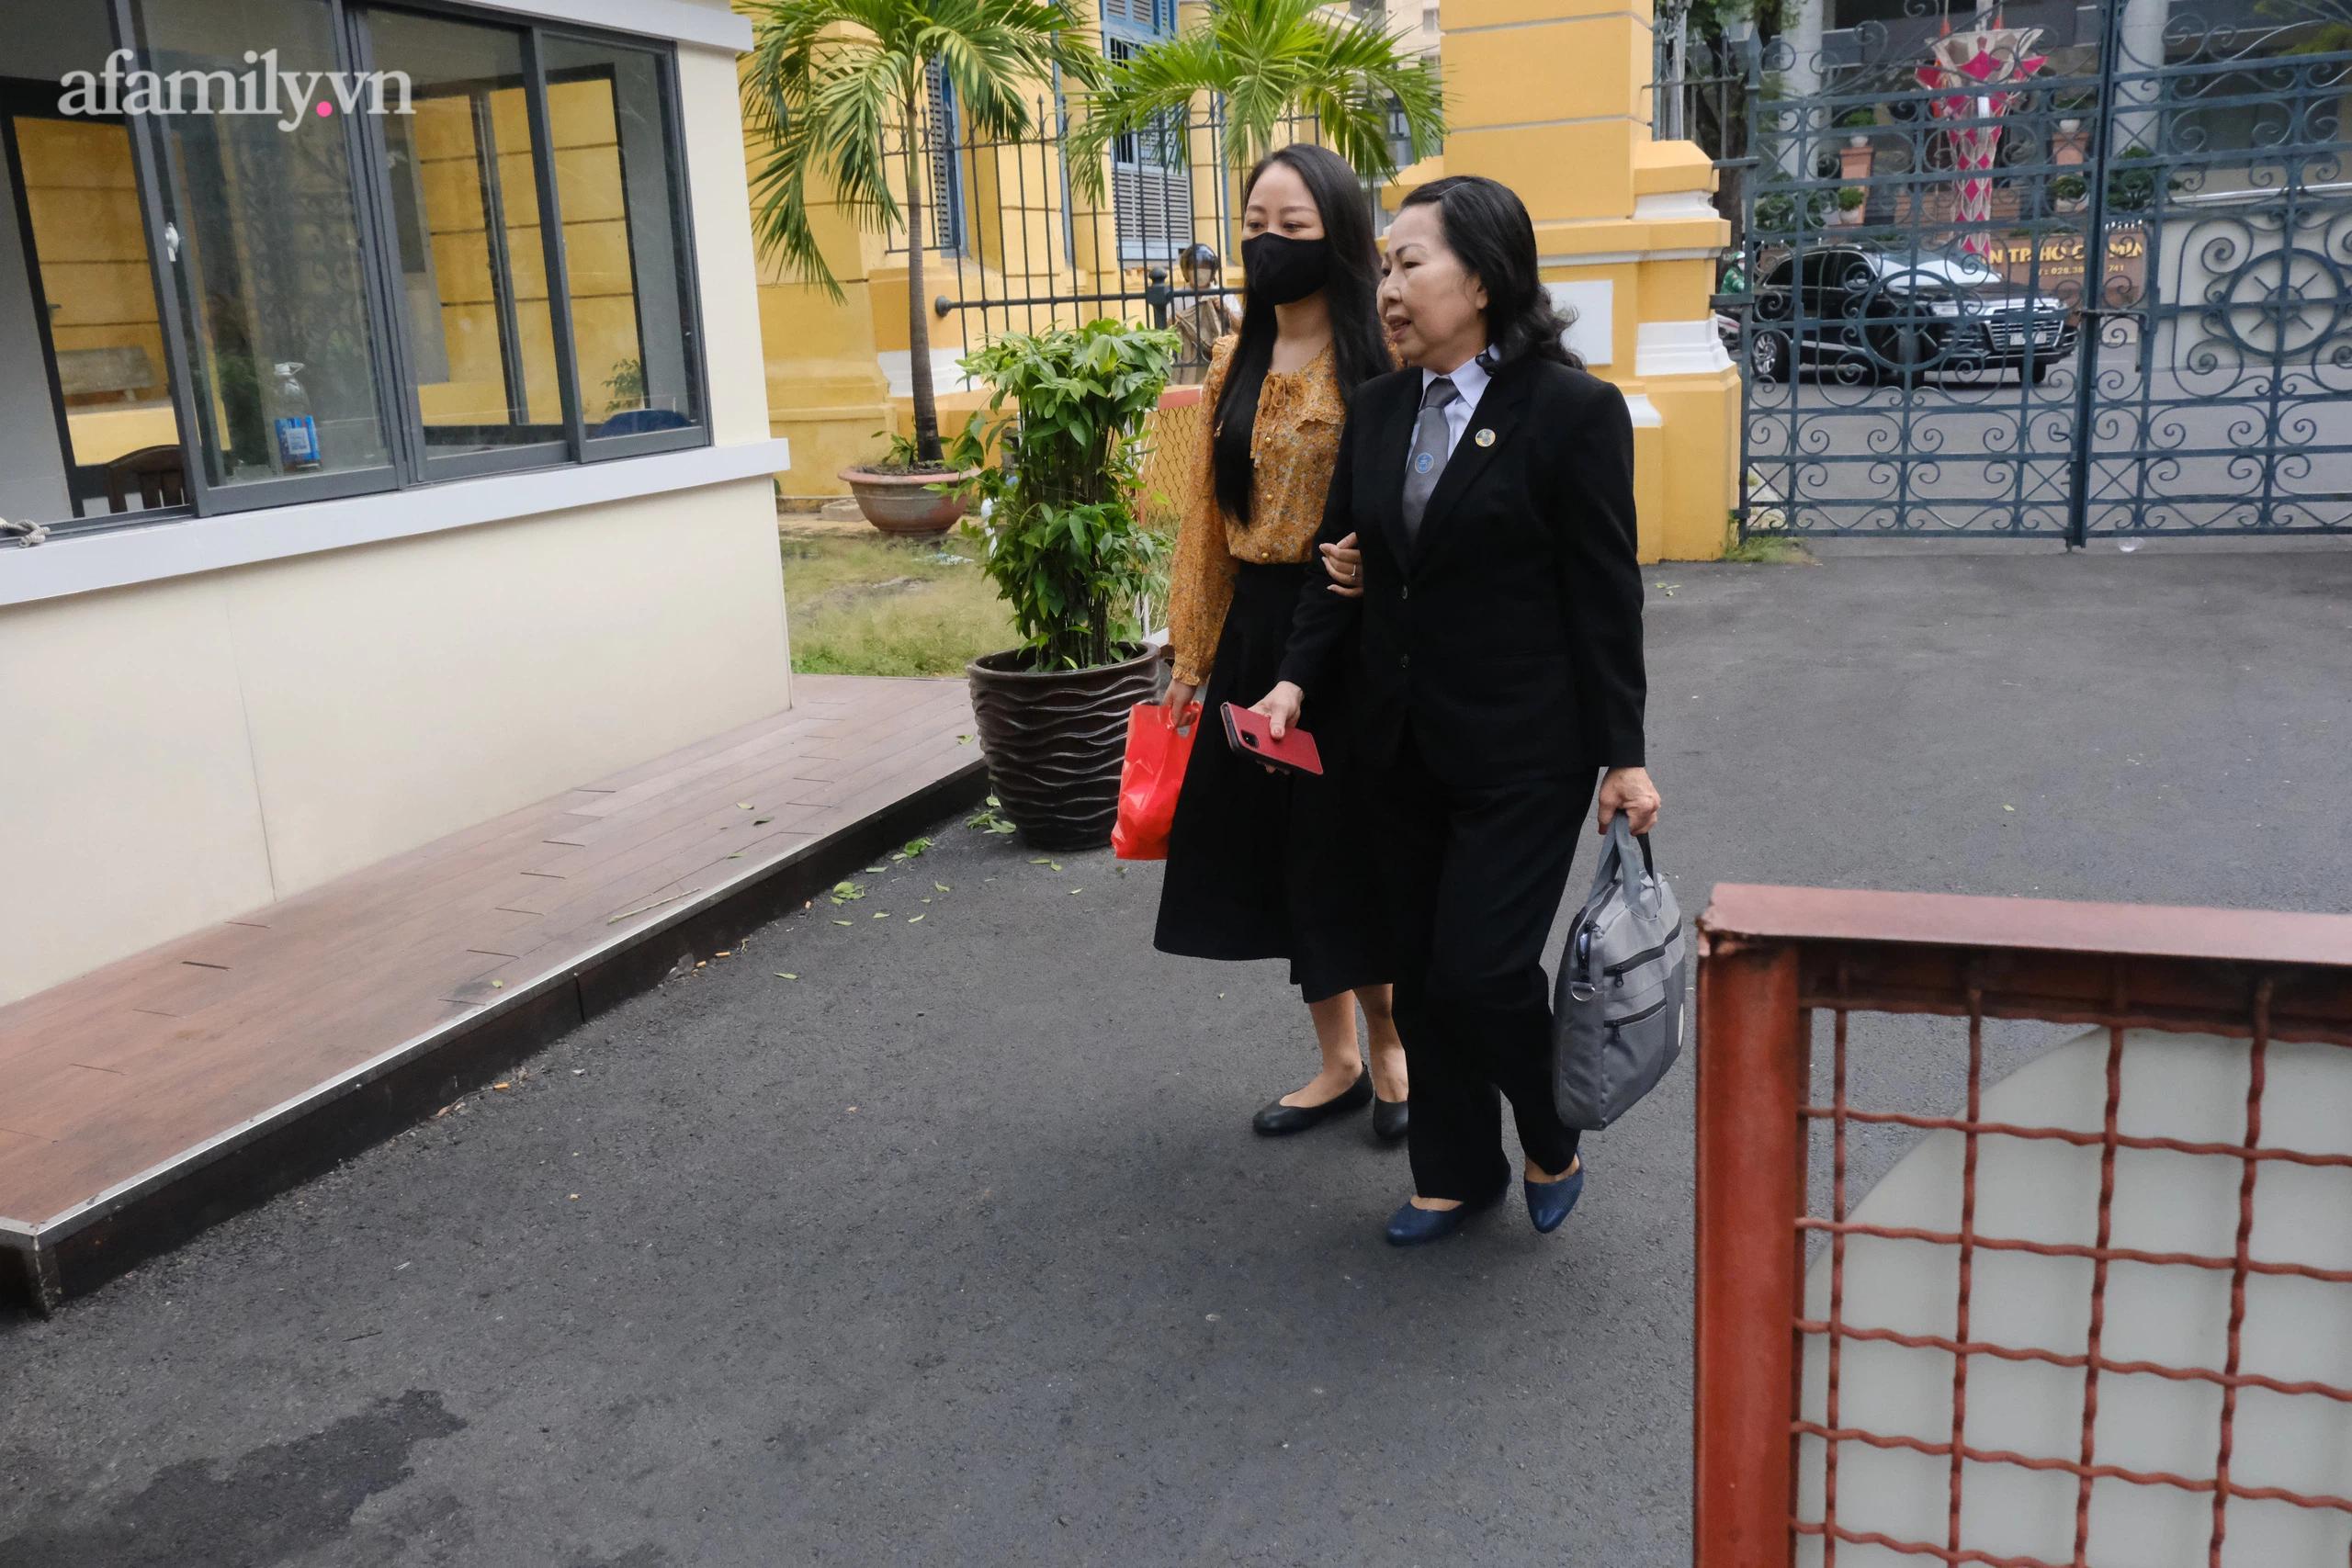 Bị hại Nguyễn Thị Bích Hường cùng luật sư.